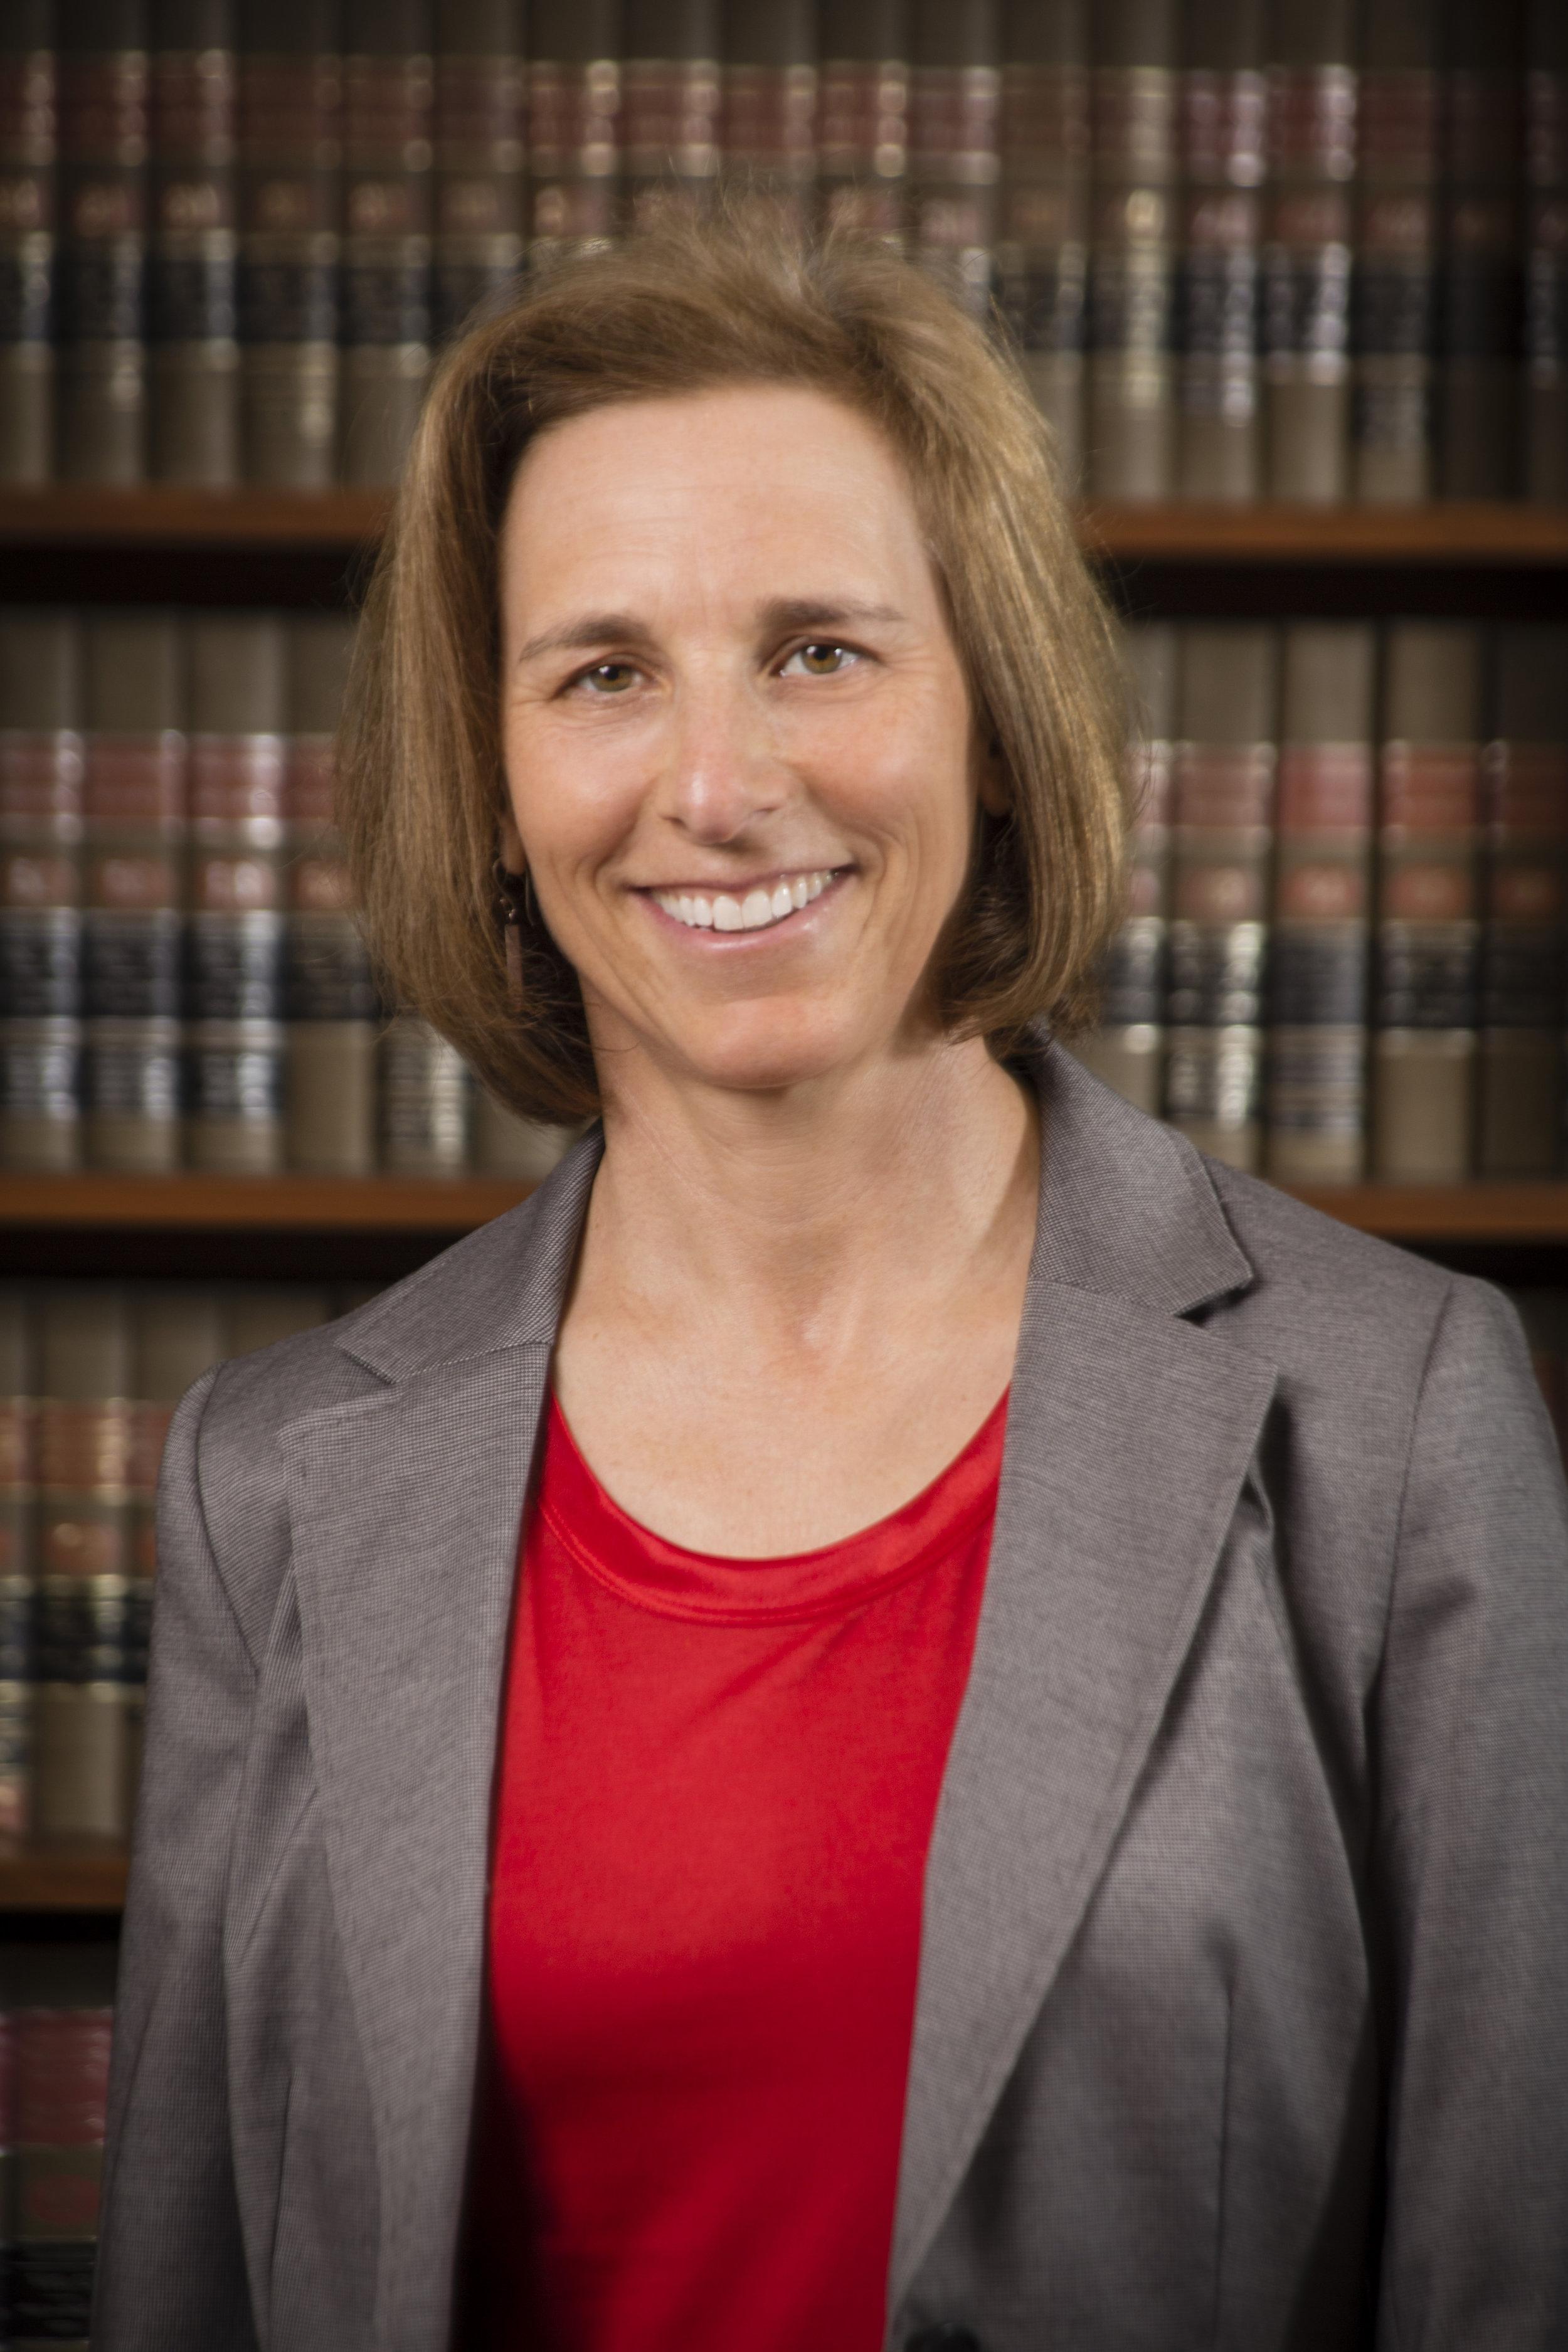 Jill in office final.jpg